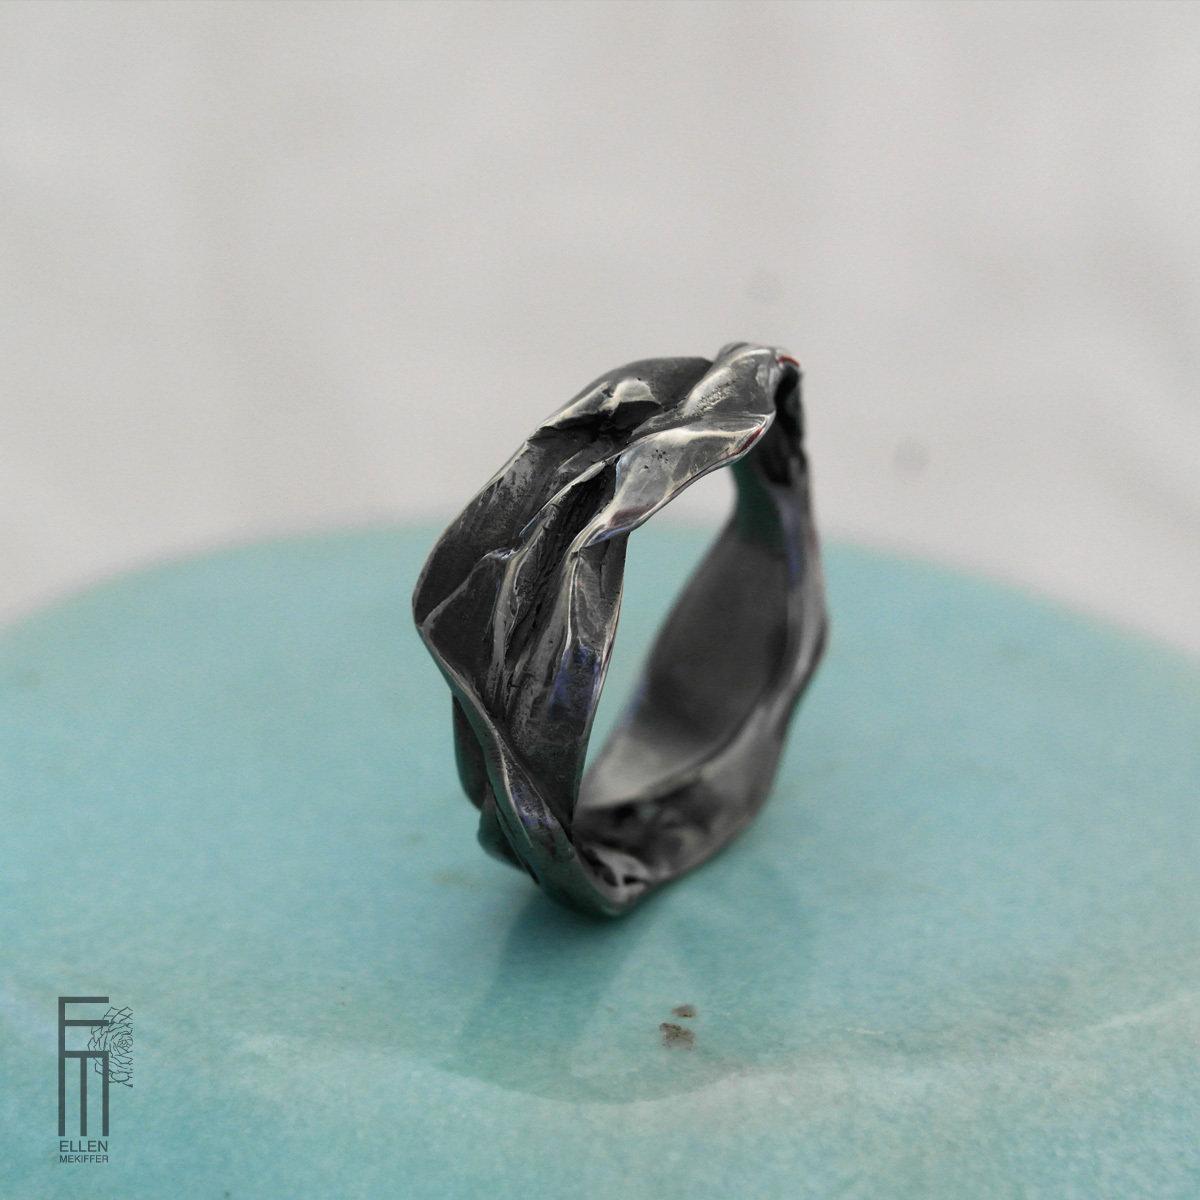 PALMERA - Strukturring aus Silber - anillo de plata con estructura